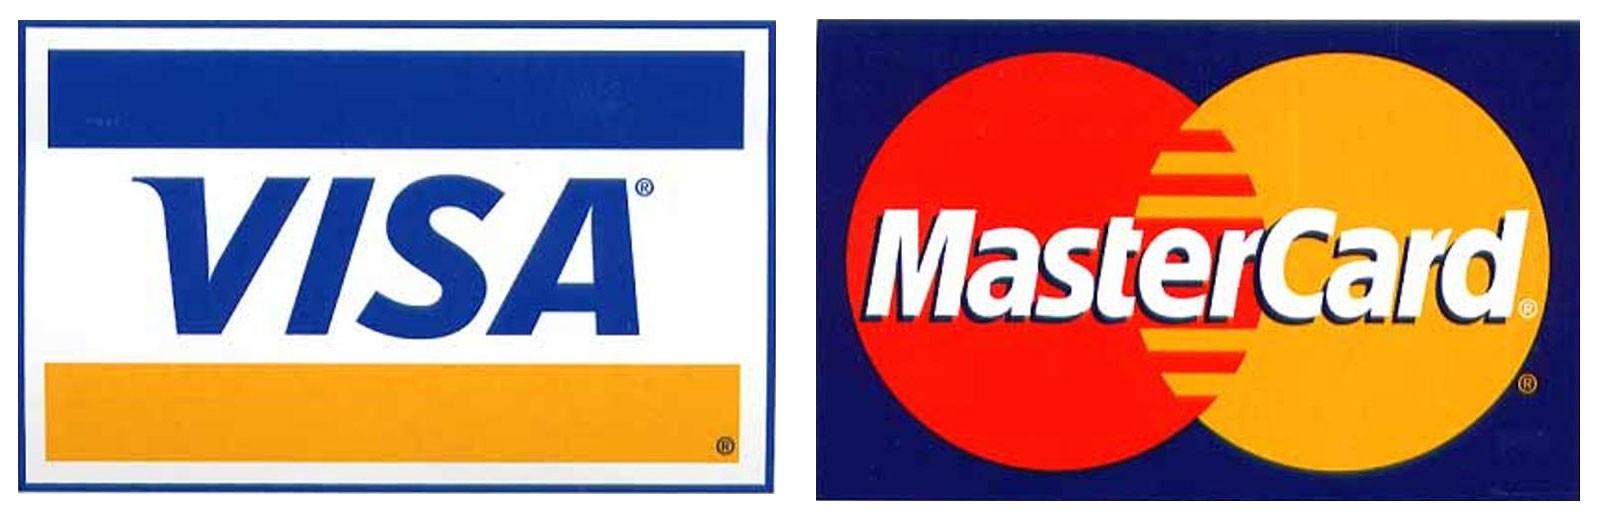 Visamaster-cards